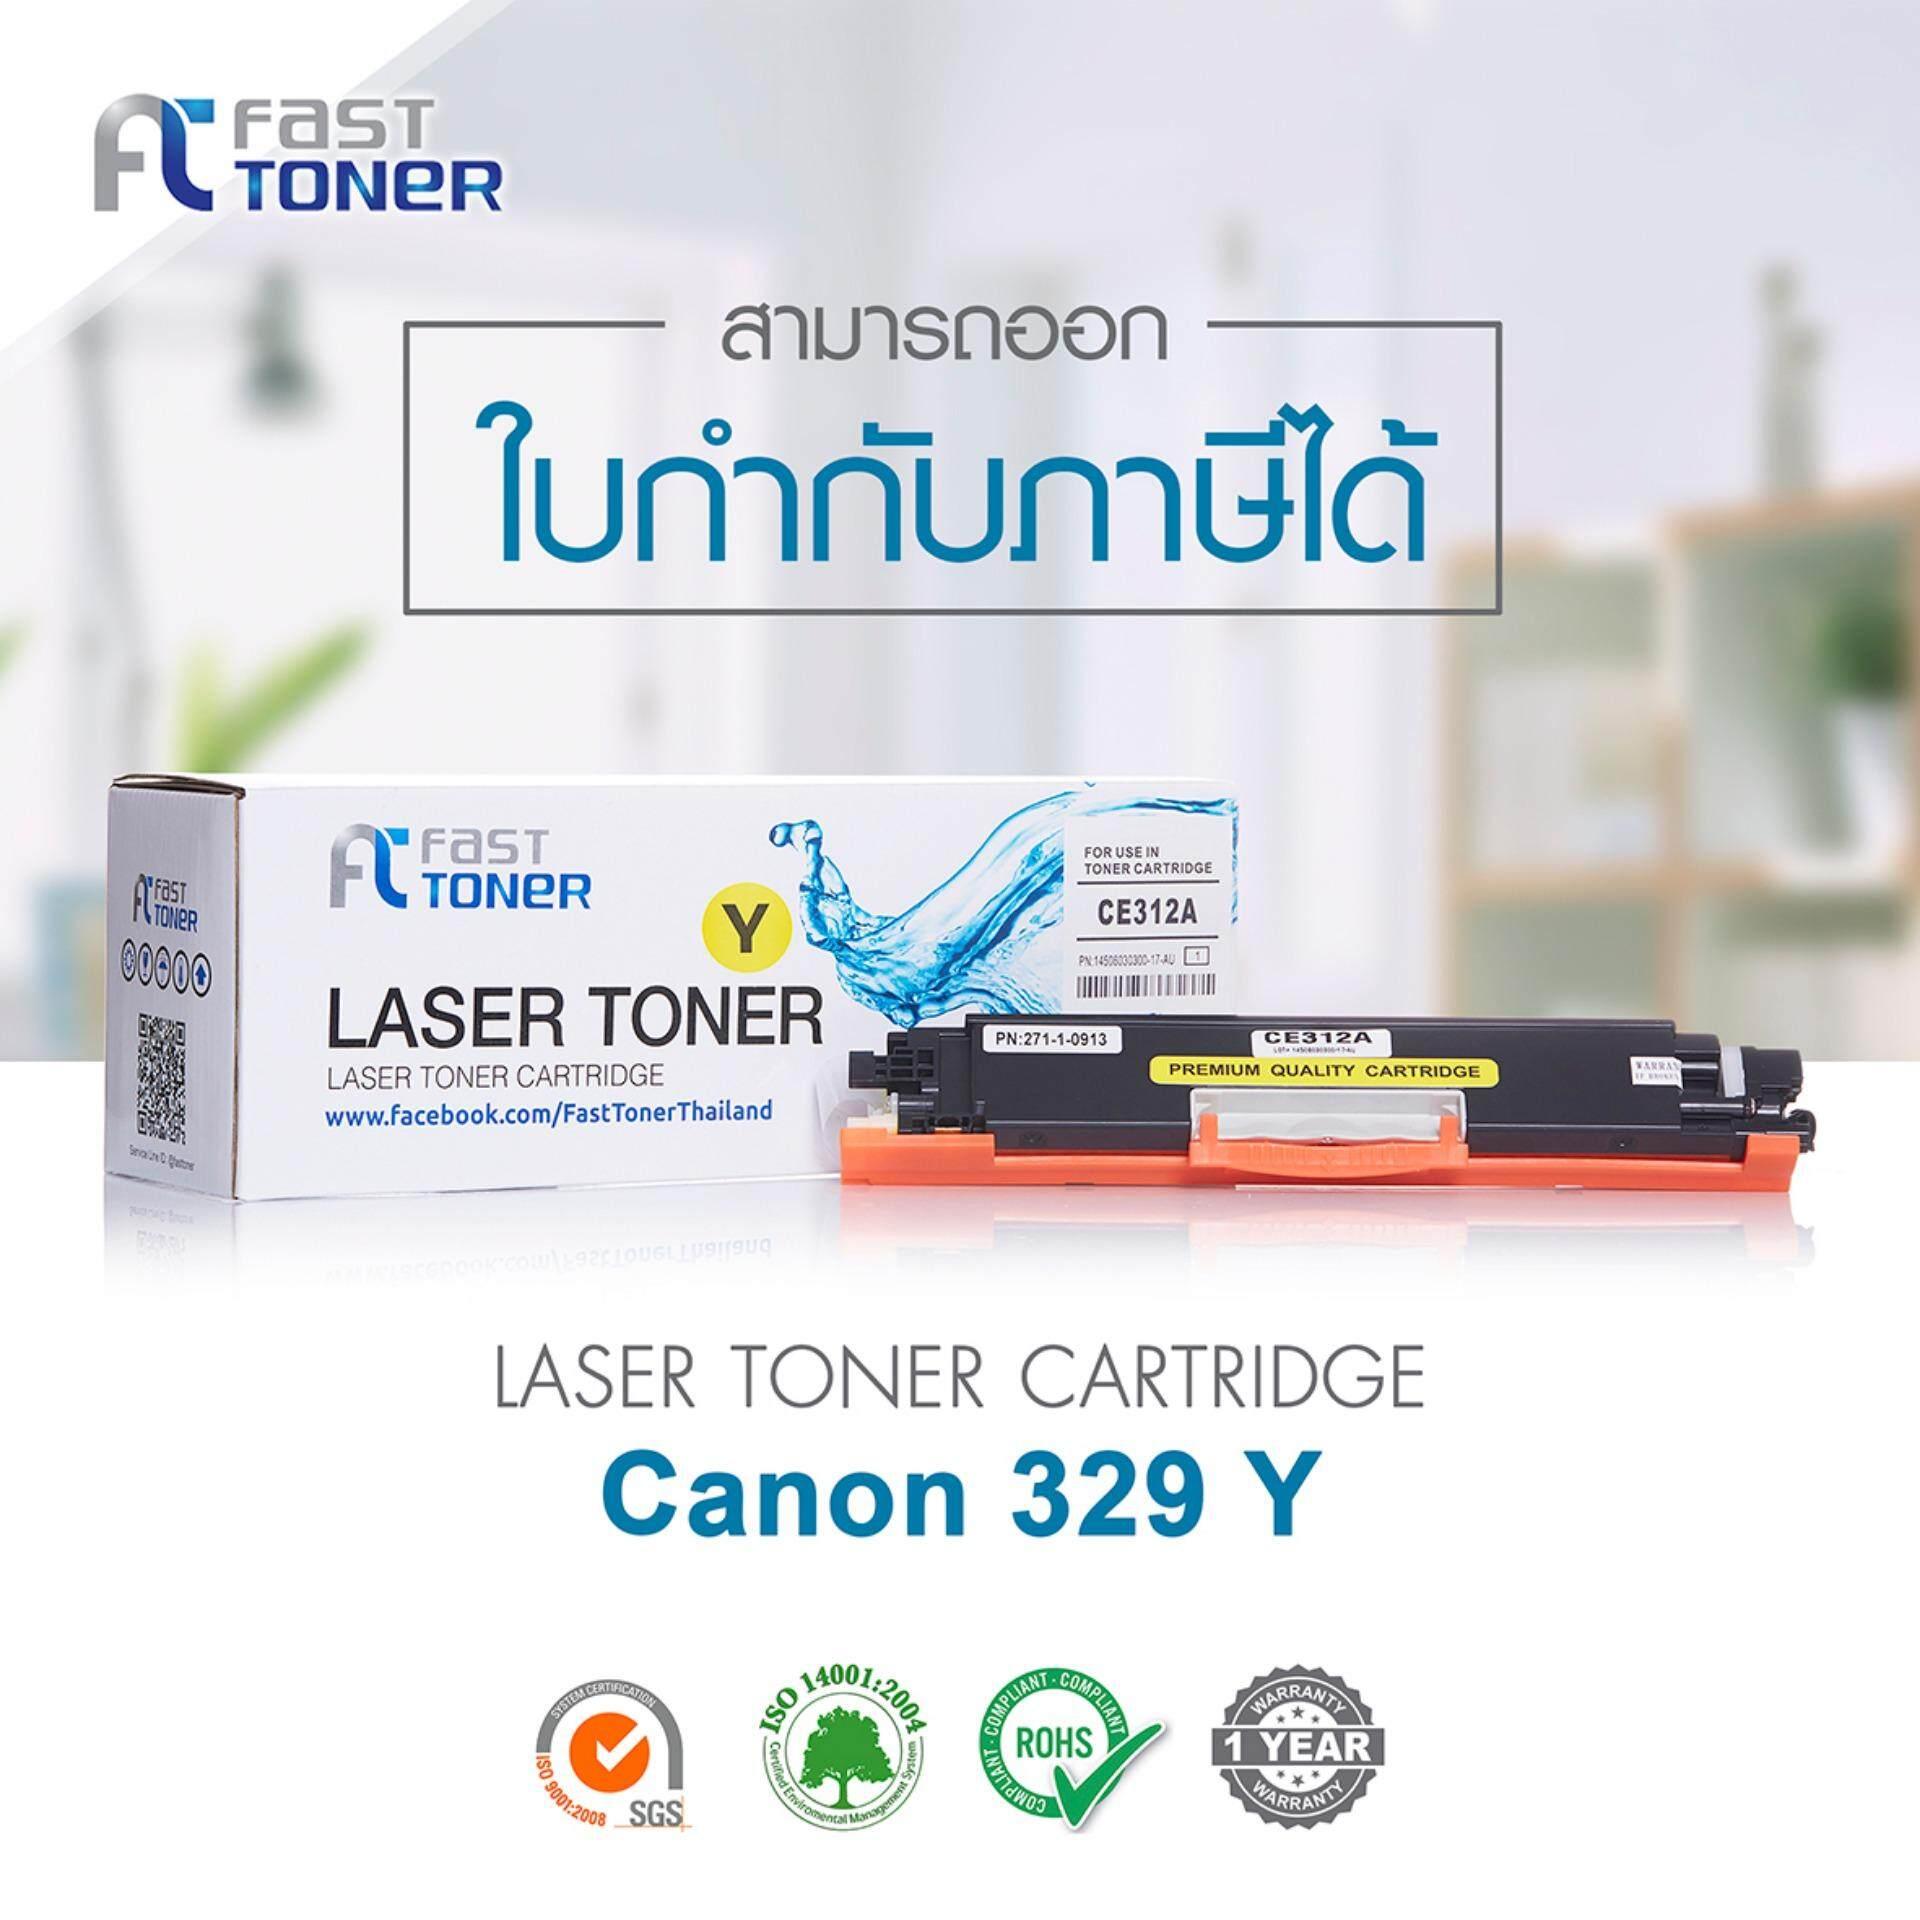 Fast Toner ตลับหมึกเทียบเท่า Canon Cartridge - 329Y For Printer Canon LBP7010C/LBP7018C